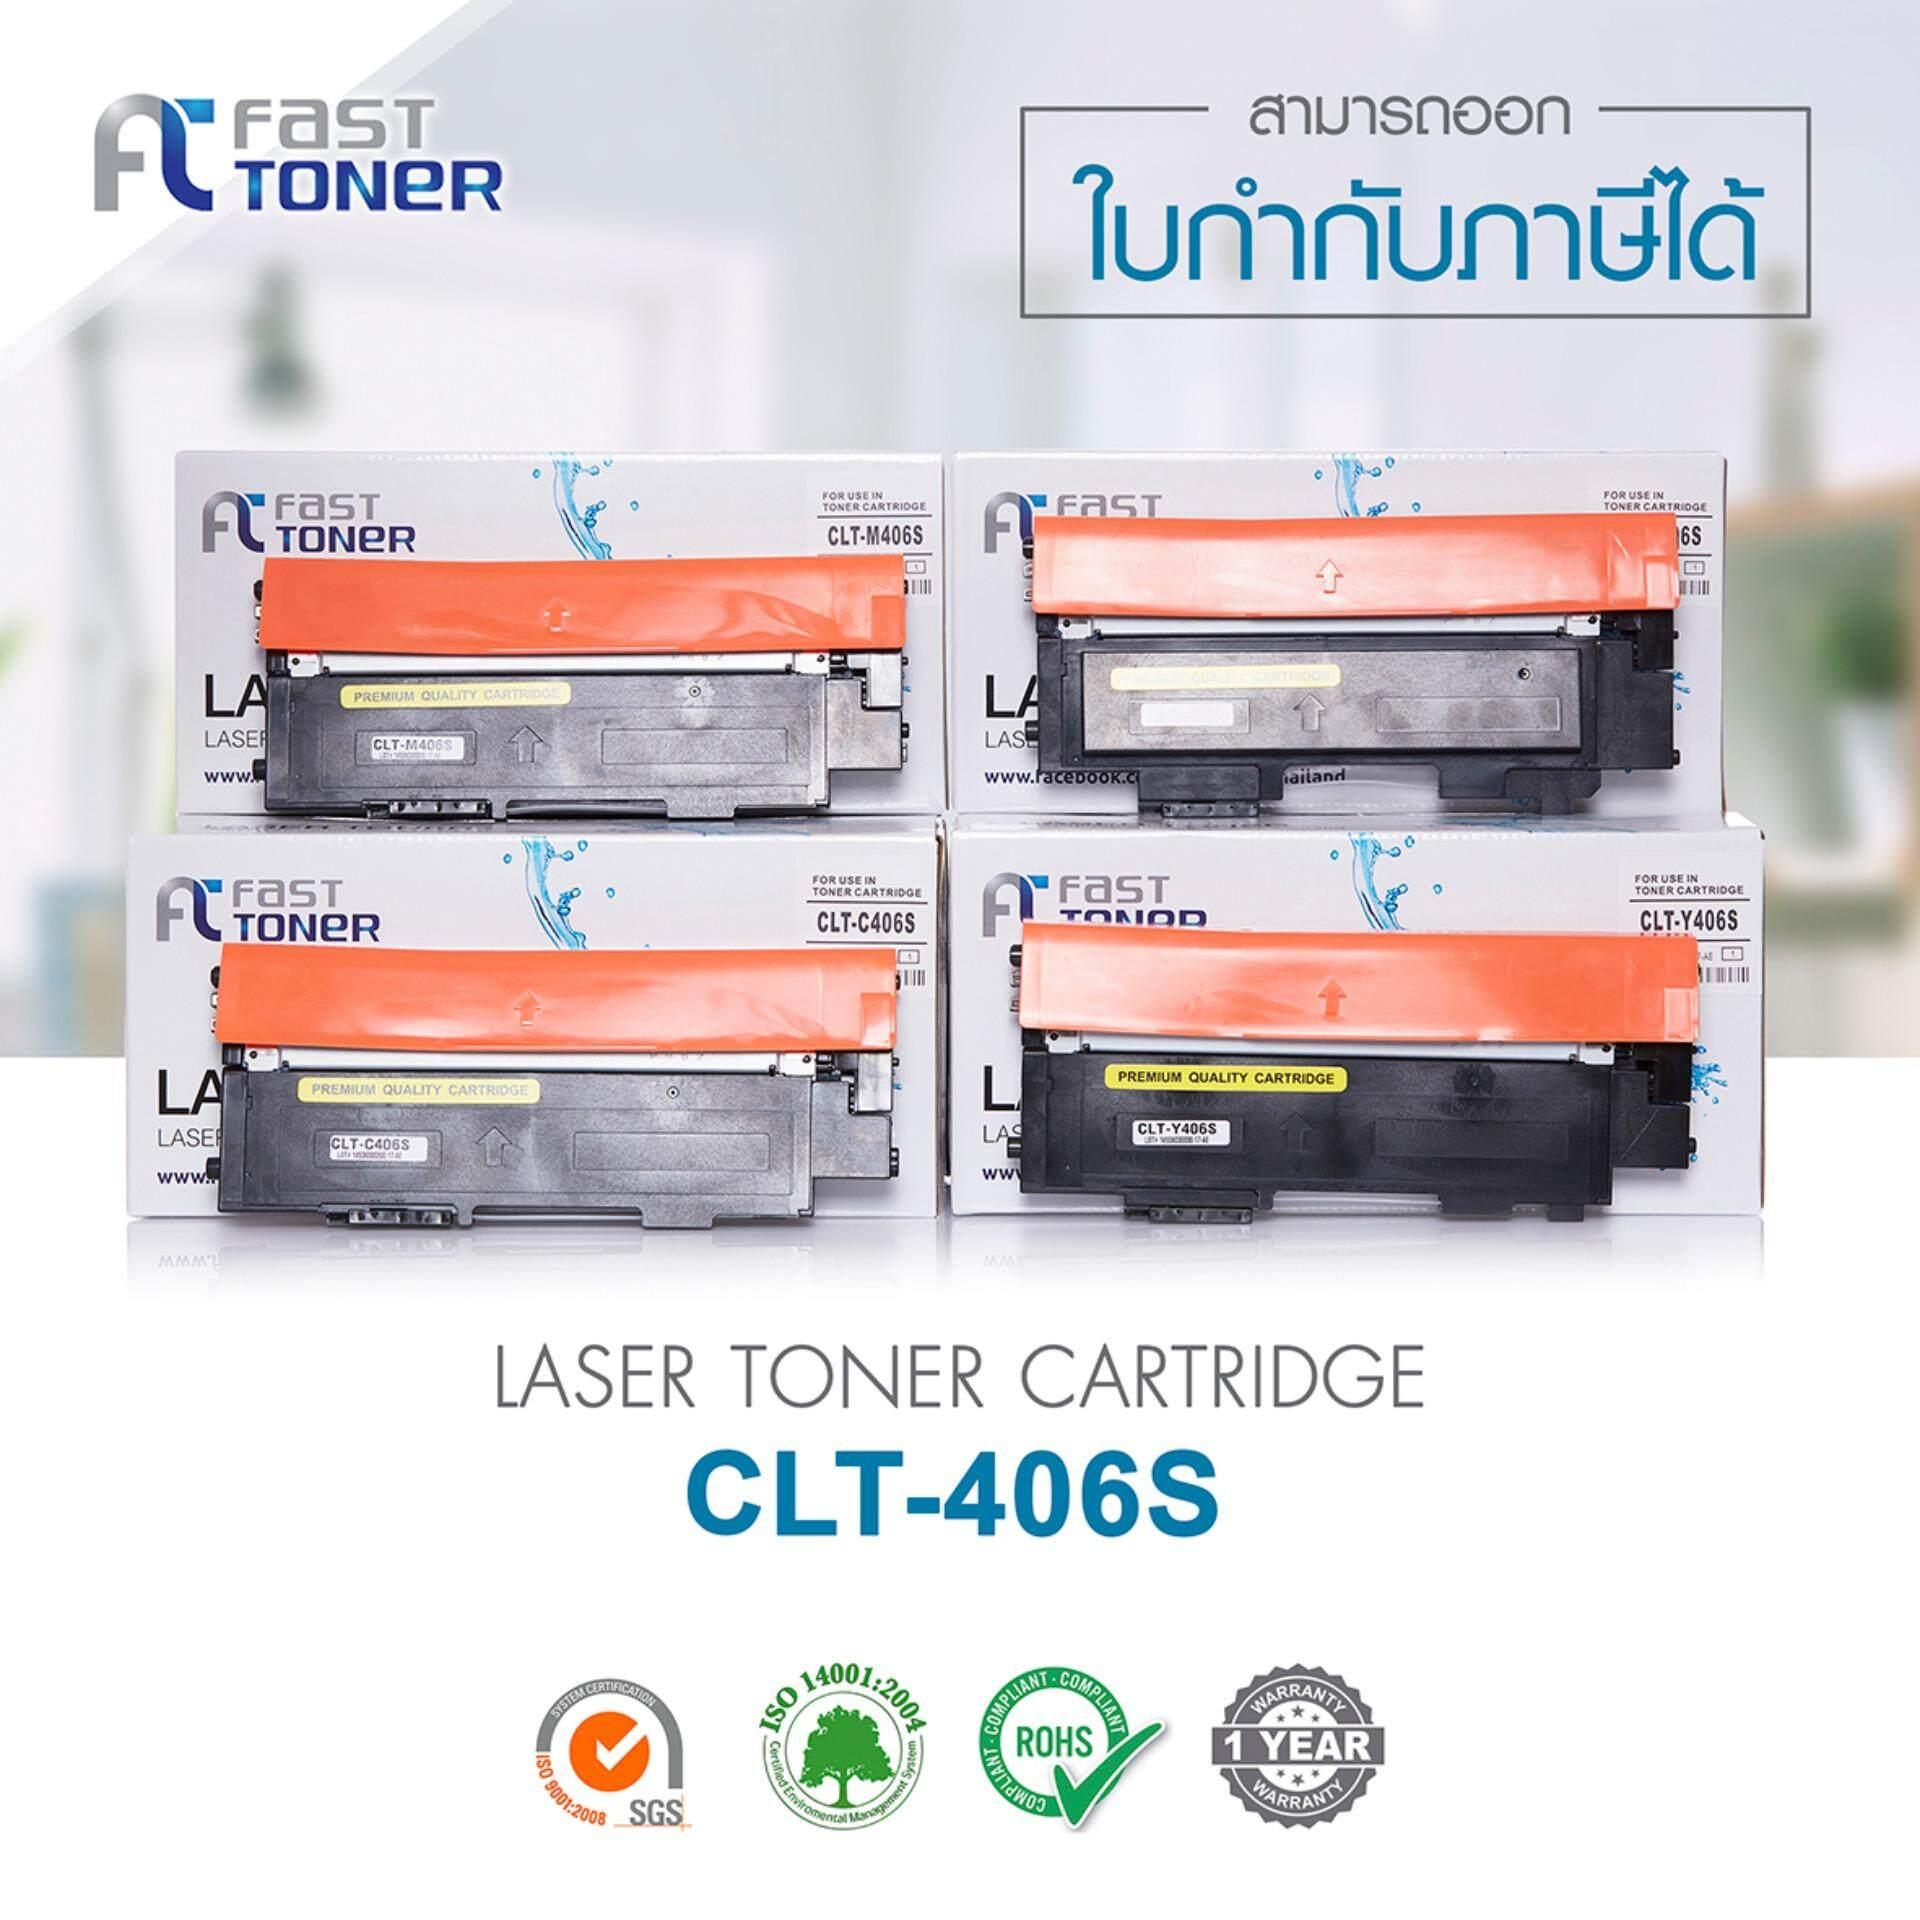 ขาย Fast Toner ตลับหมึกเลเซอร์ Samsung Clt K406S Clt C406S Clt M406S Clt Y406S Clx 3305Fw สีดำ ฟ้า แดง เหลือง 4 ตลับ ออนไลน์ กรุงเทพมหานคร